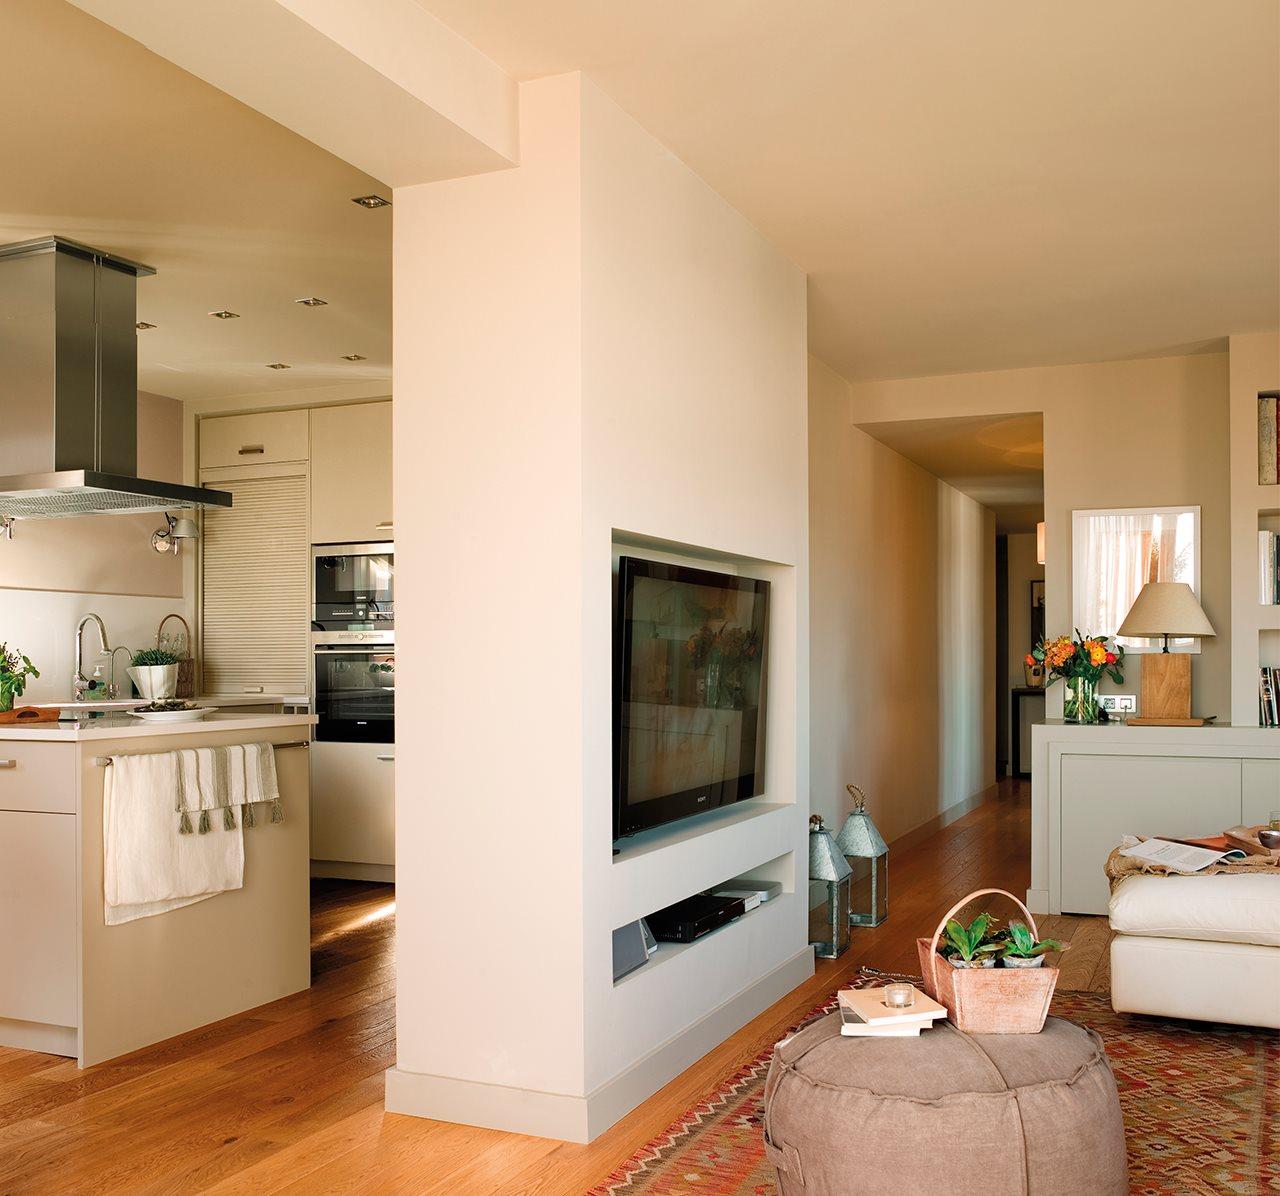 Дизайн кухни гостиной с гипсокартонной перегородкой